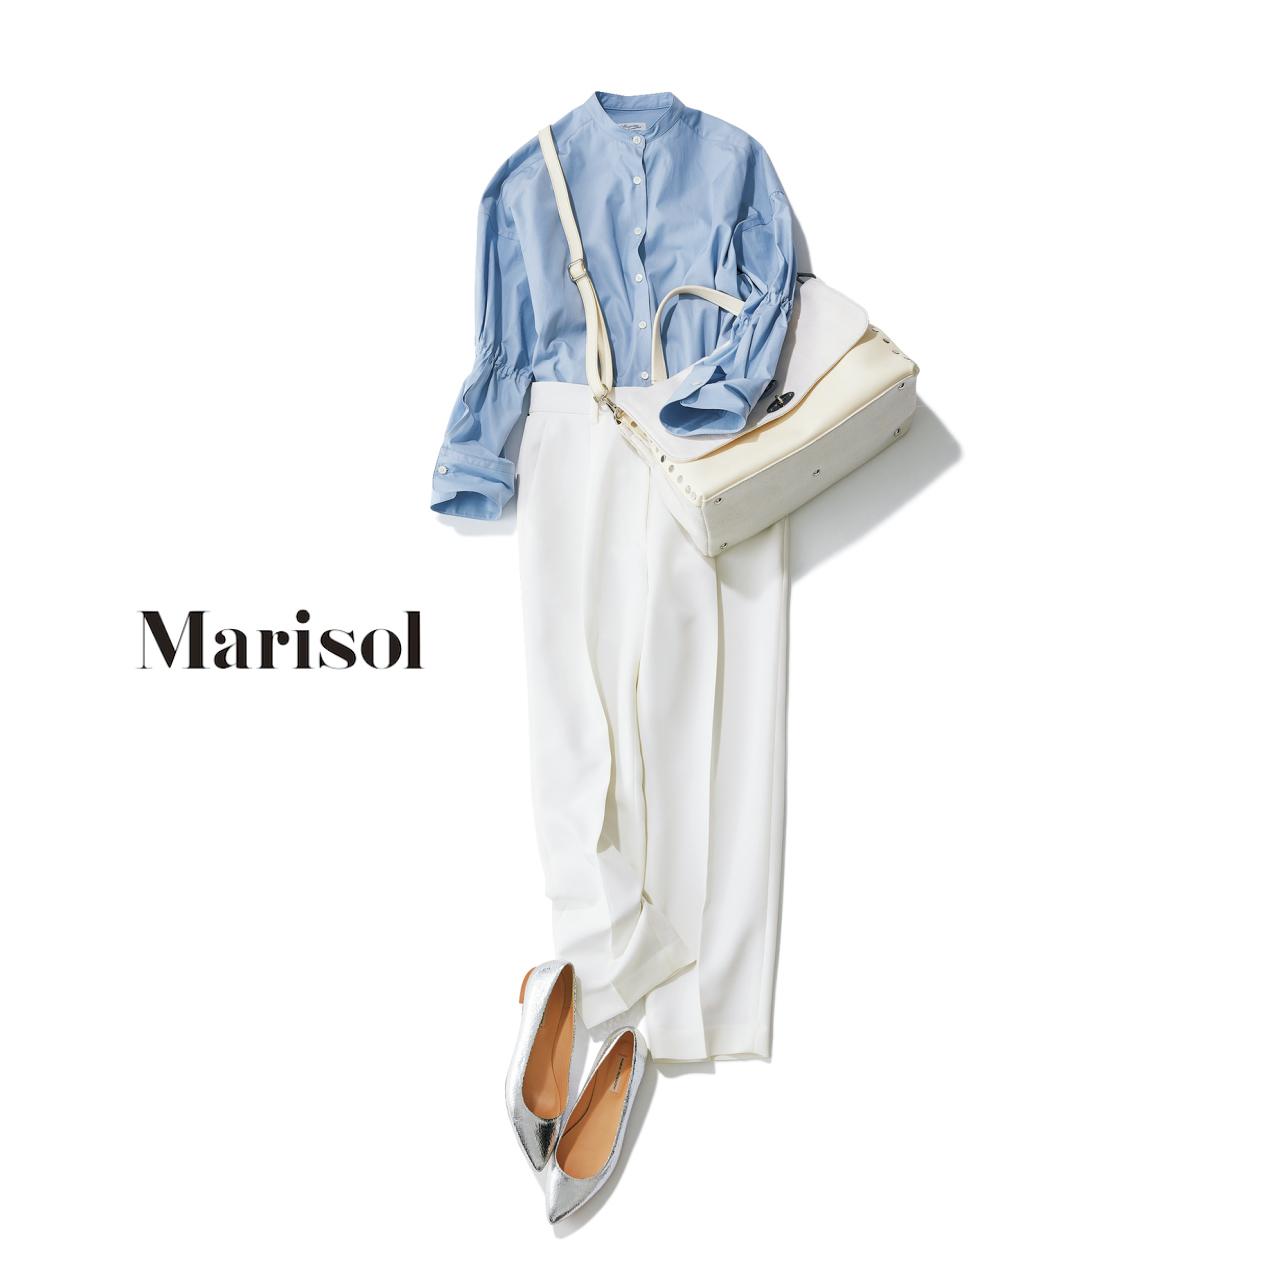 ブルーシャツ×白パンツコーデ